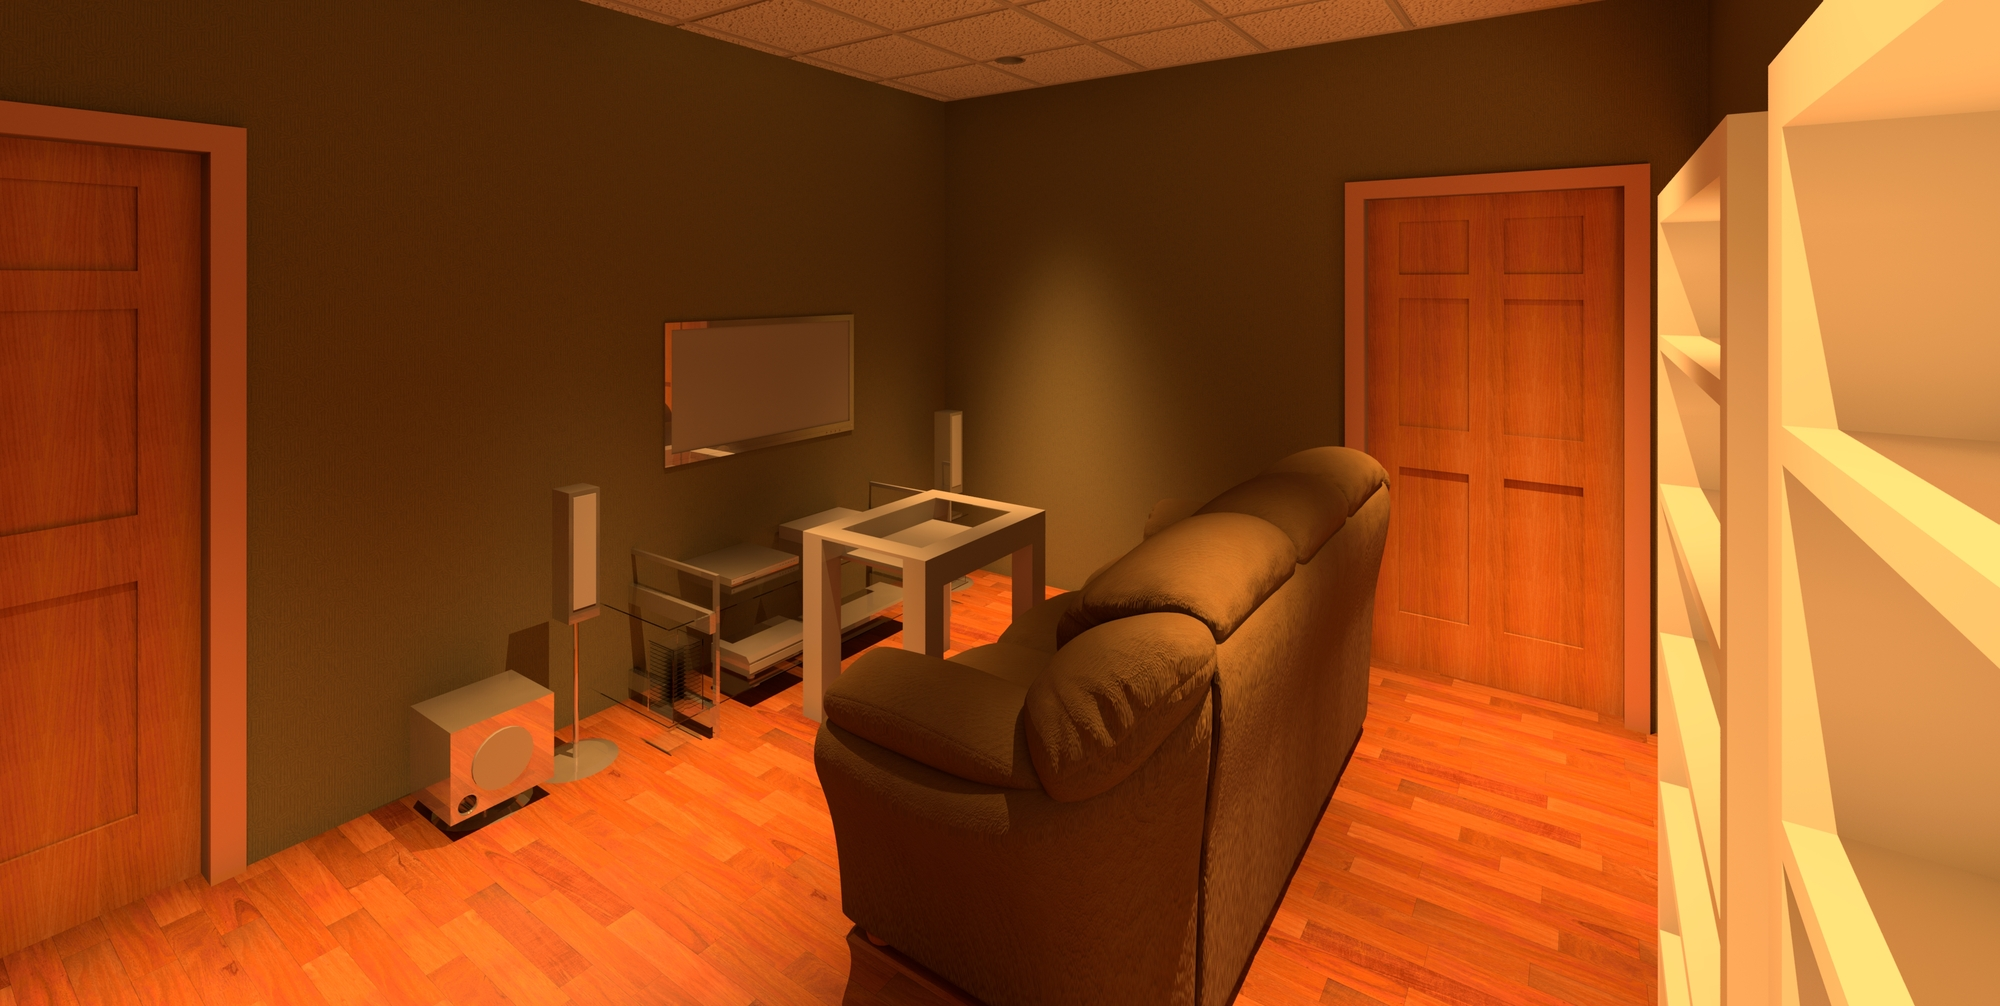 Raas-rendering20140930-8146-1ssptm